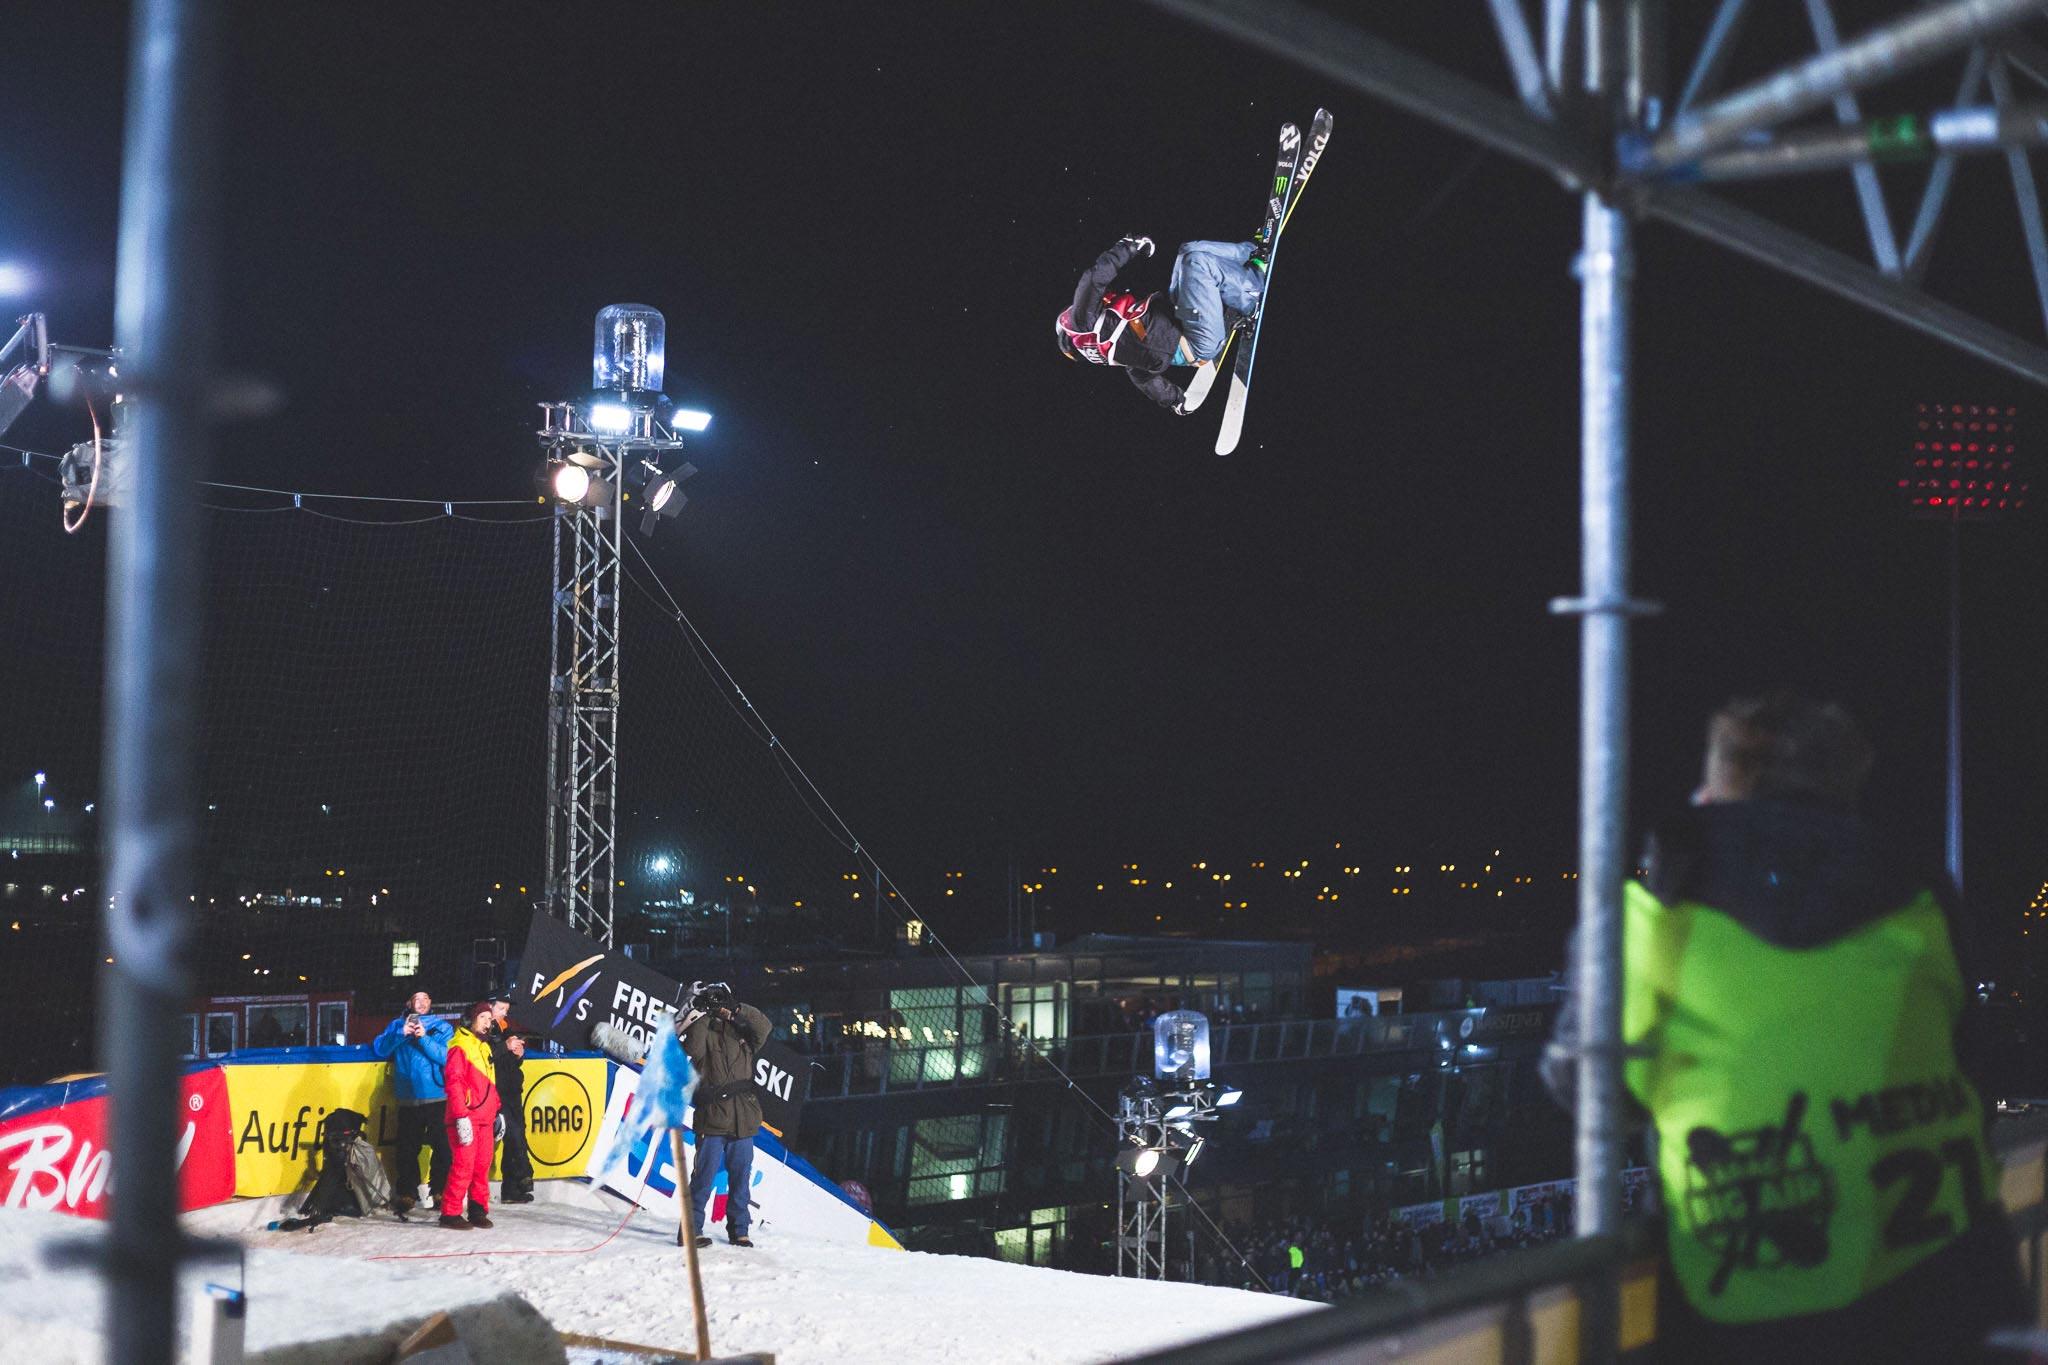 Emma Dahlström: Cork 7 Tail und Platz 2 am Ende